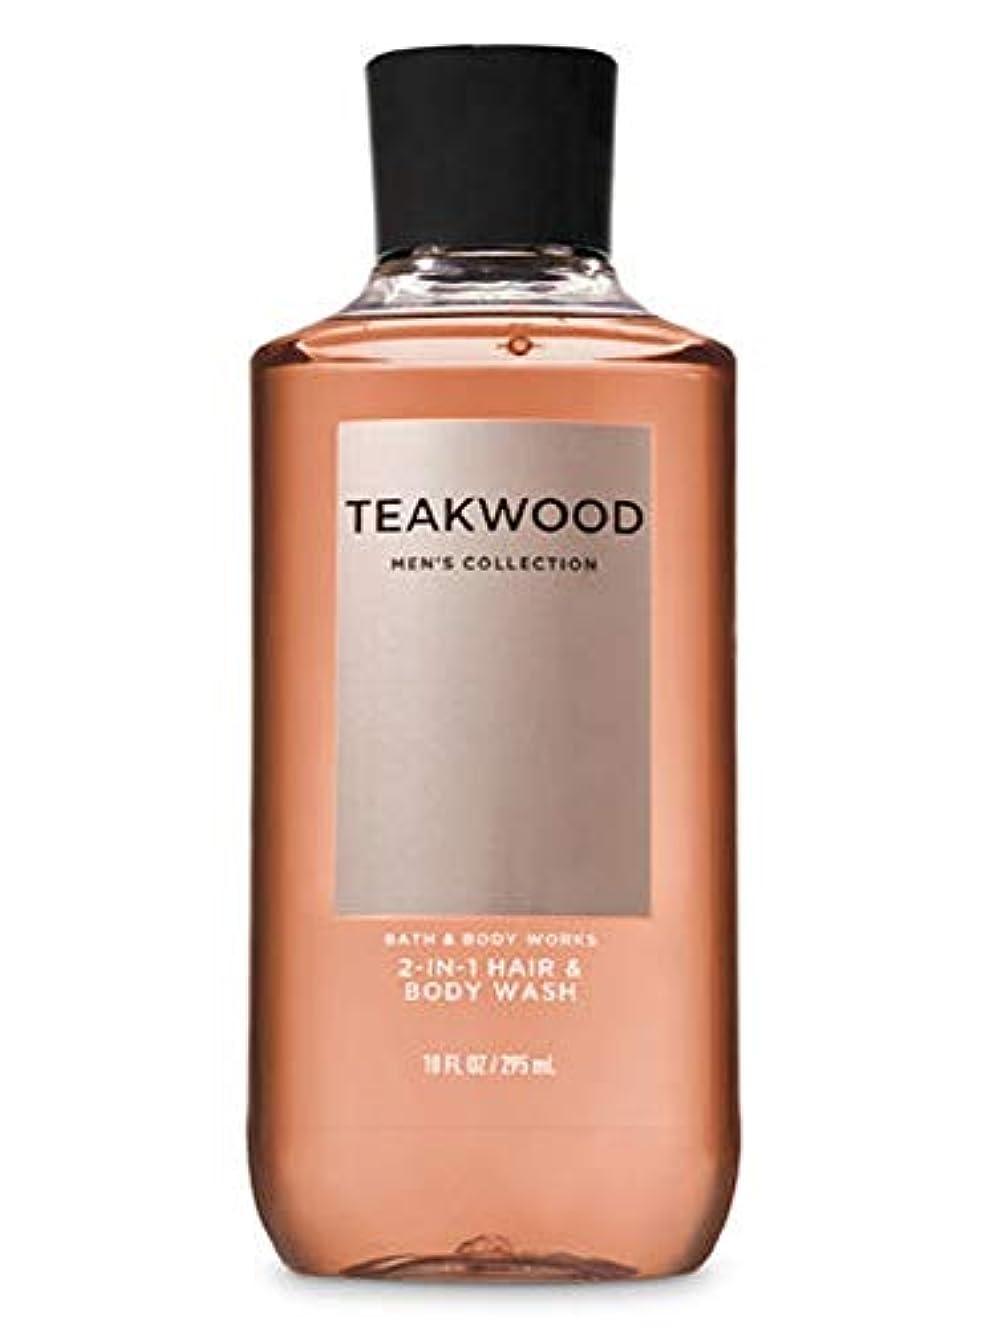 活性化トランクライブラリ最適【並行輸入品】Bath & Body Works TEAKWOOD 2-in-1 Hair + Body Wash